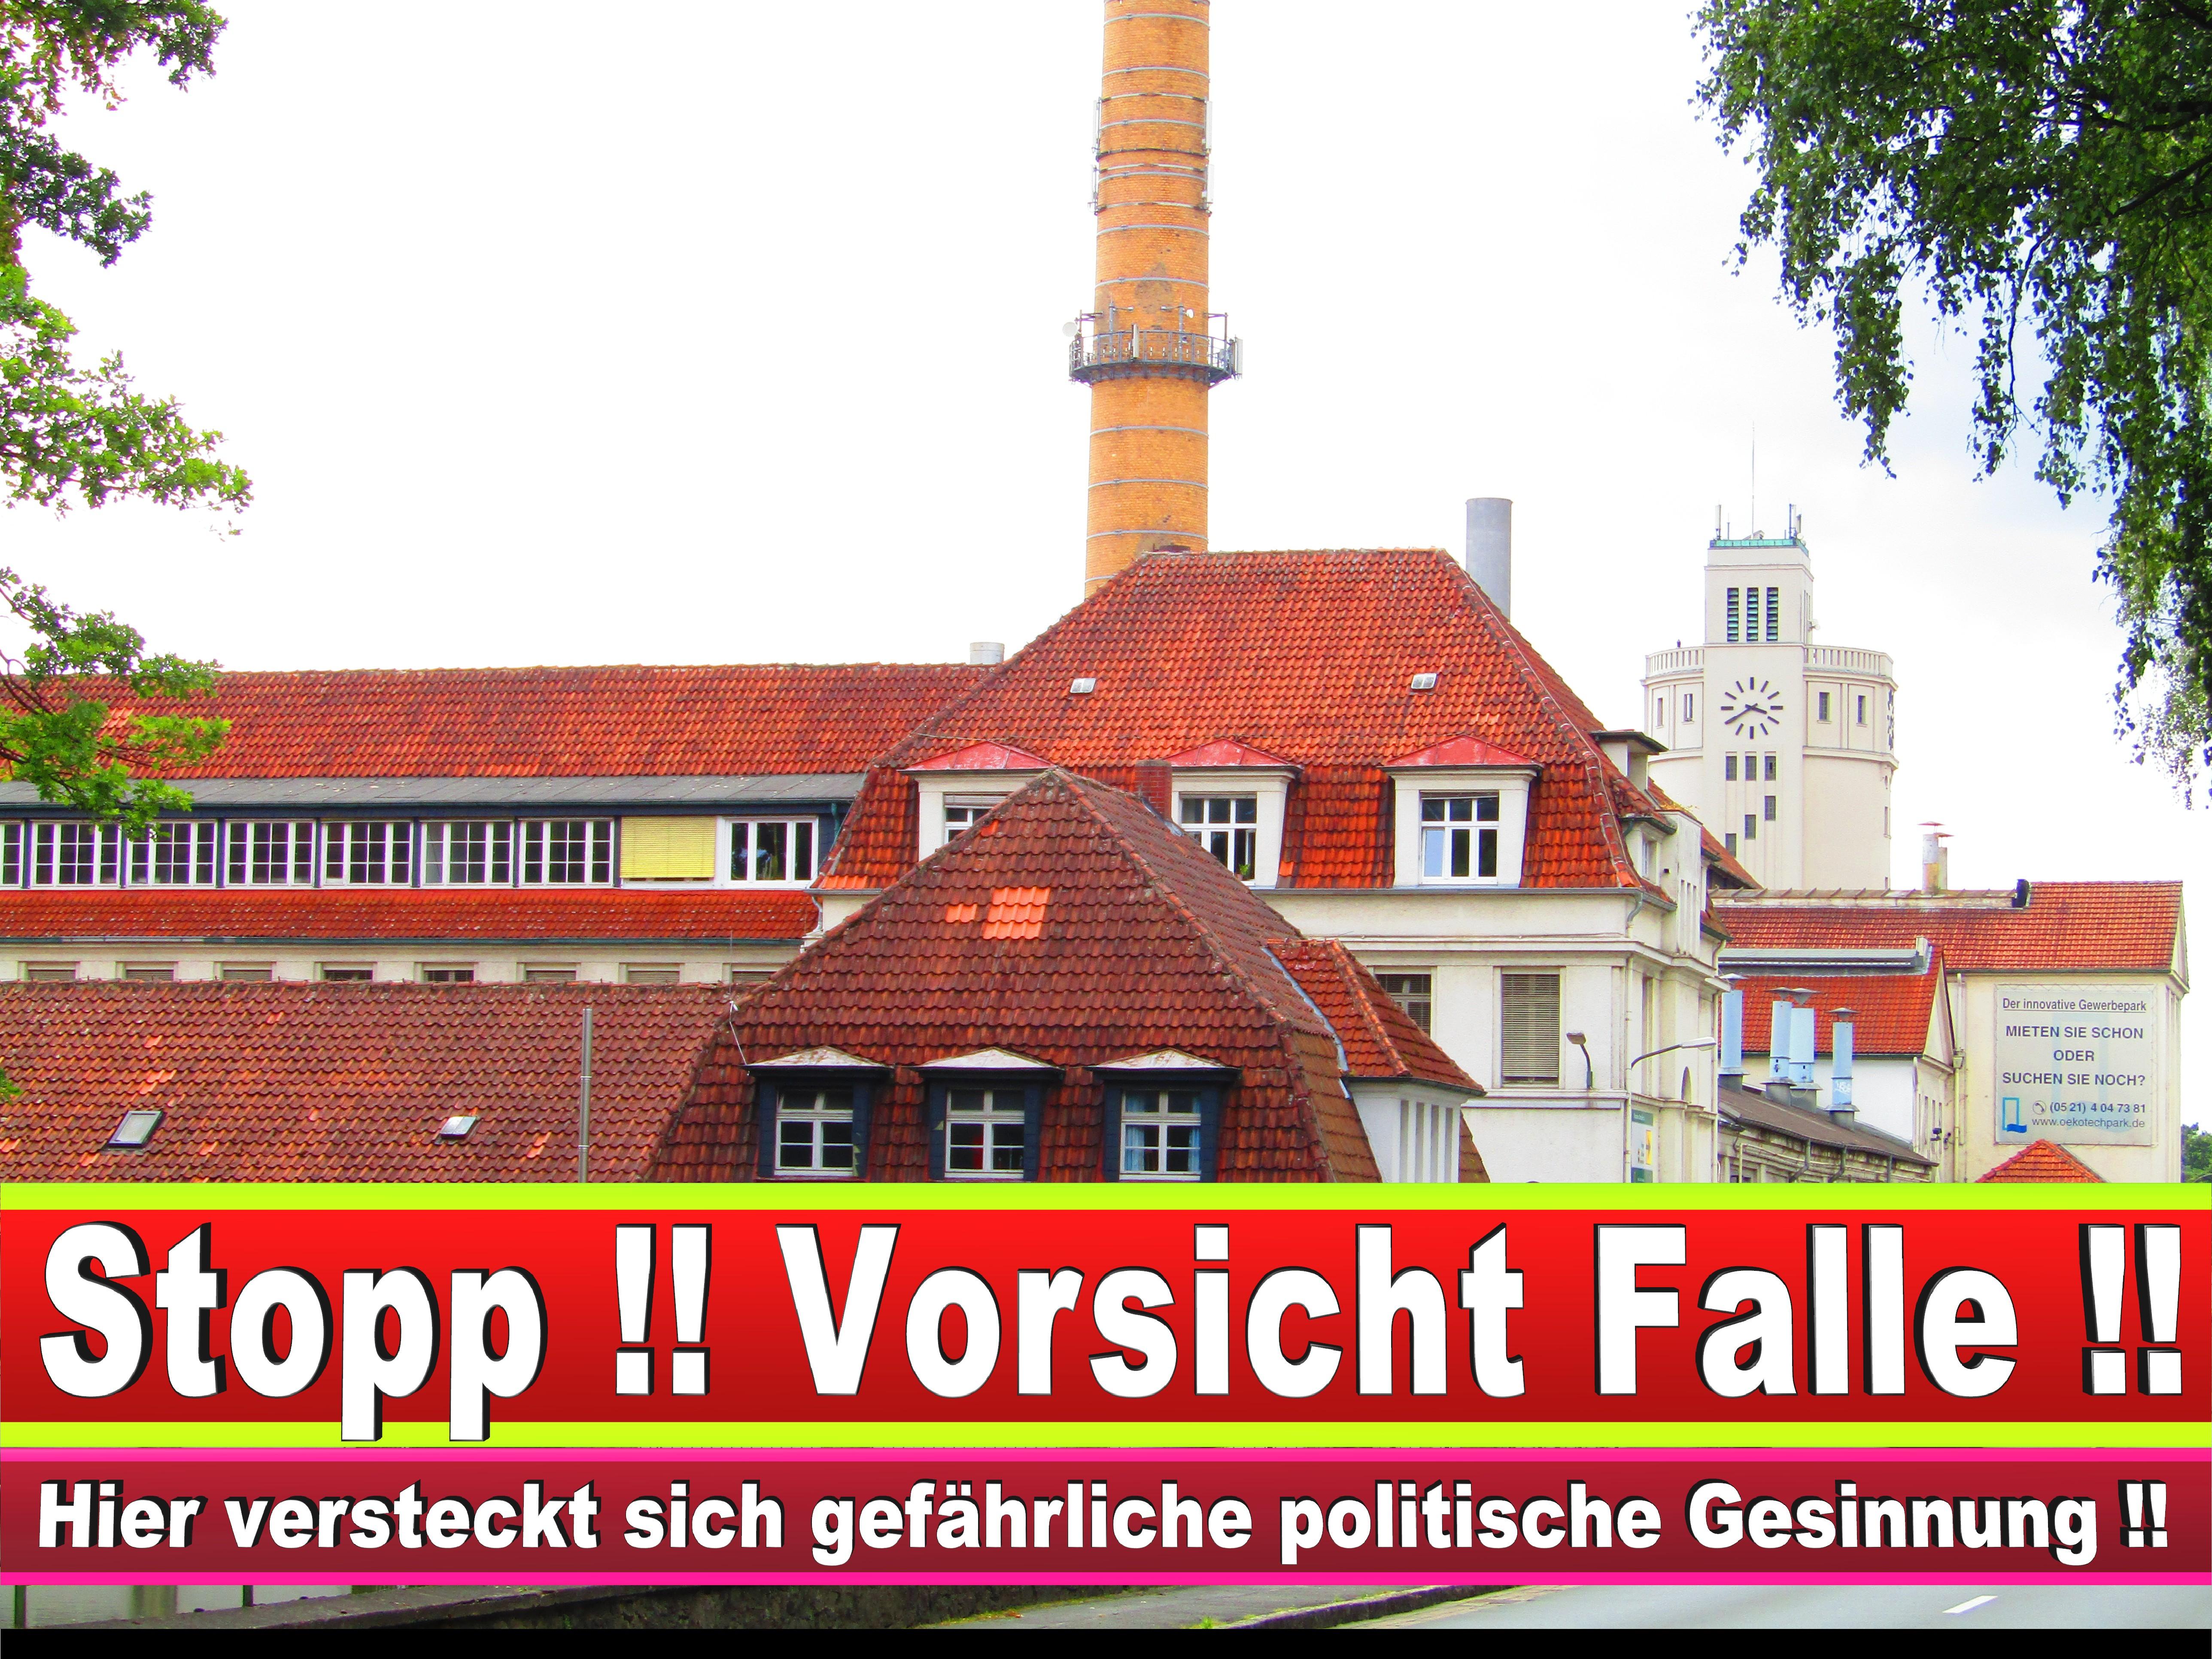 WOITALLA Achim Woitalla Windelsbleicher Str 252 Bielefeld